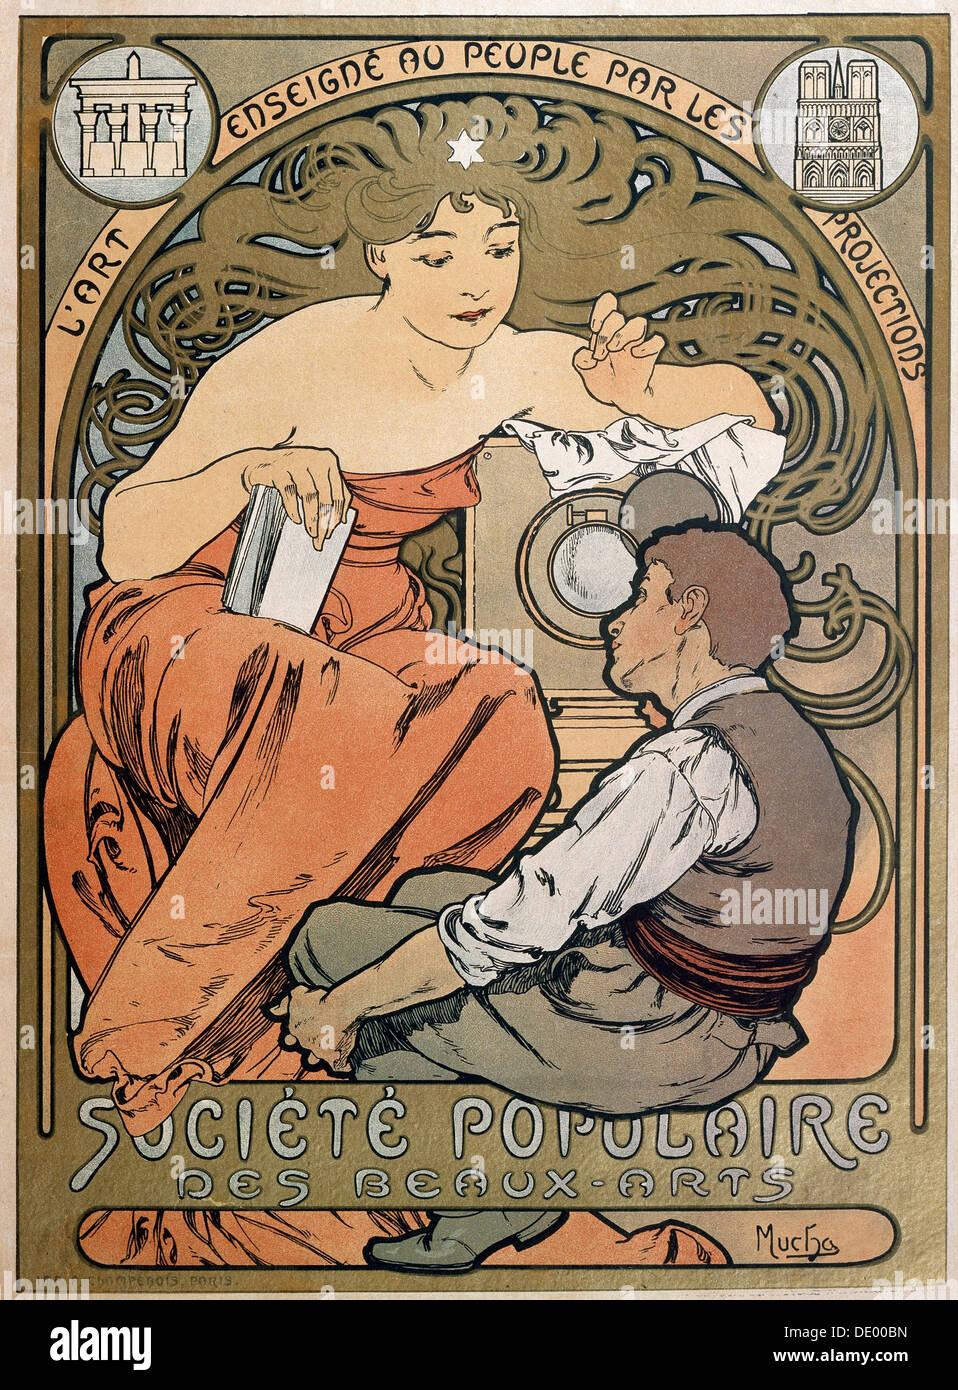 Affiche pour la société populaire des Beaux Arts, 1897. Artiste: Alphonse Mucha Banque D'Images